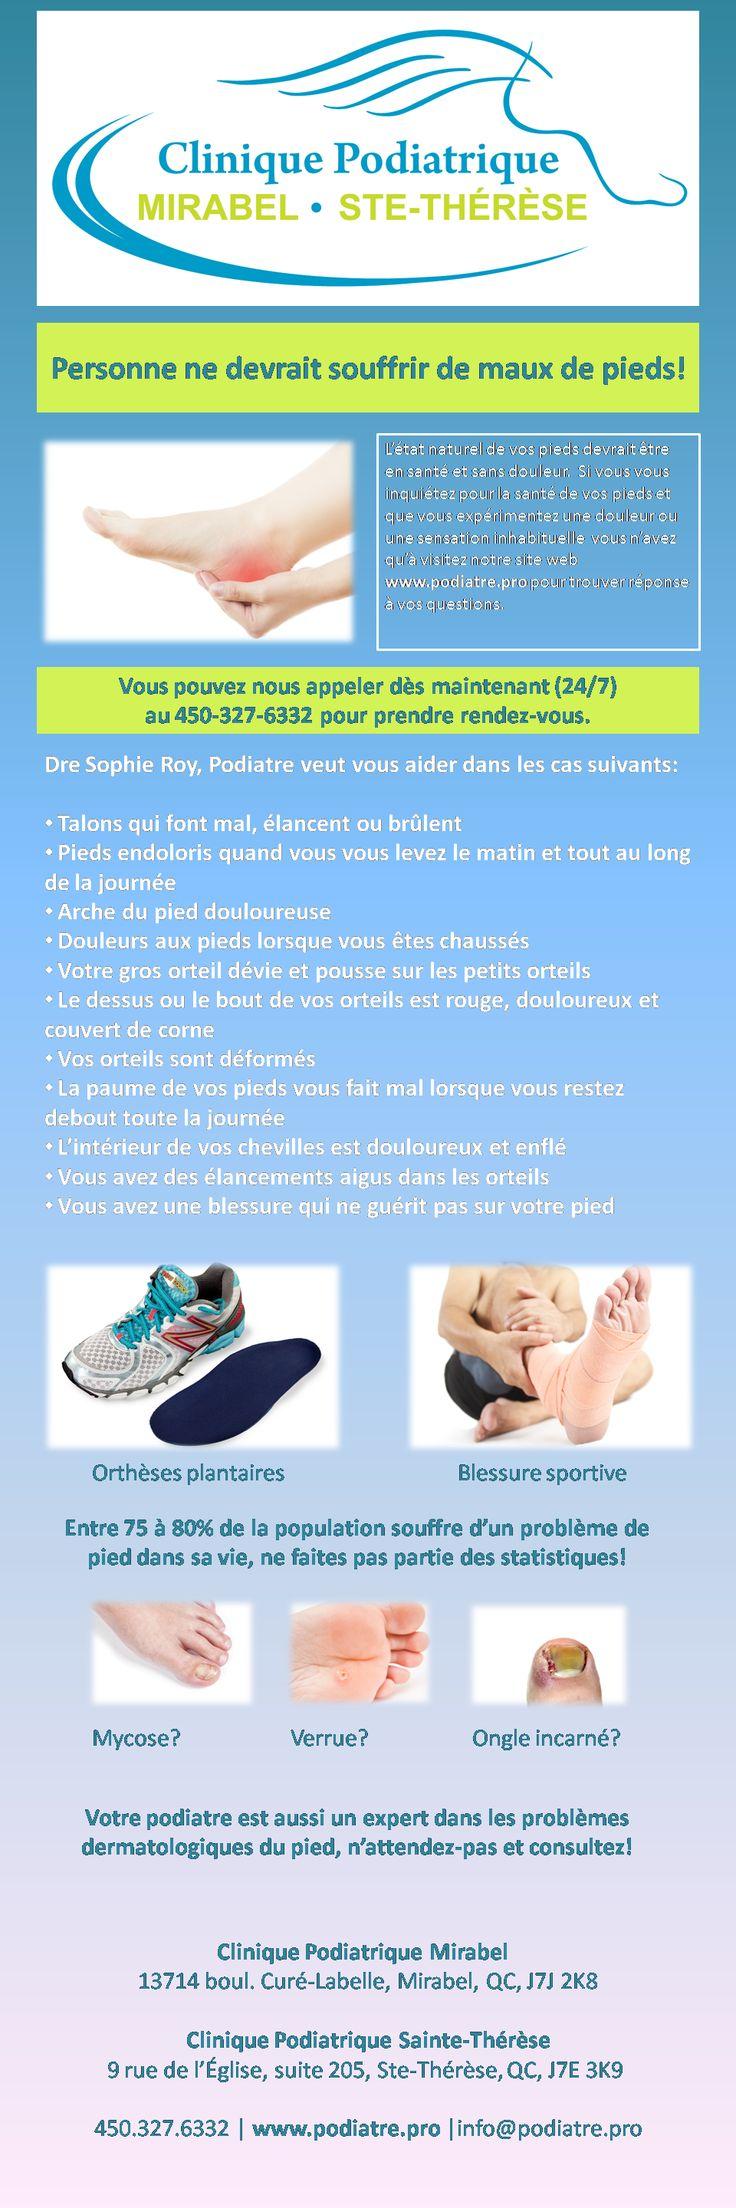 Vous souffrez de: Talons qui font mal, élancent ou brûlent, Pieds endoloris quand vous vous levez le matin et tout au long de la journée, Arche du pied douloureuse, Douleurs aux pieds lorsque vous êtes chaussés, Votre gros orteil dévie et pousse sur les petits orteils, Le dessus ou le bout de vos orteils est rouge, douloureux et couvert de corne, Vos orteils sont déformés, La paume de vos pieds vous fait mal lorsque vous restez debout toute la journée  Appelez-nous dès maintenant…